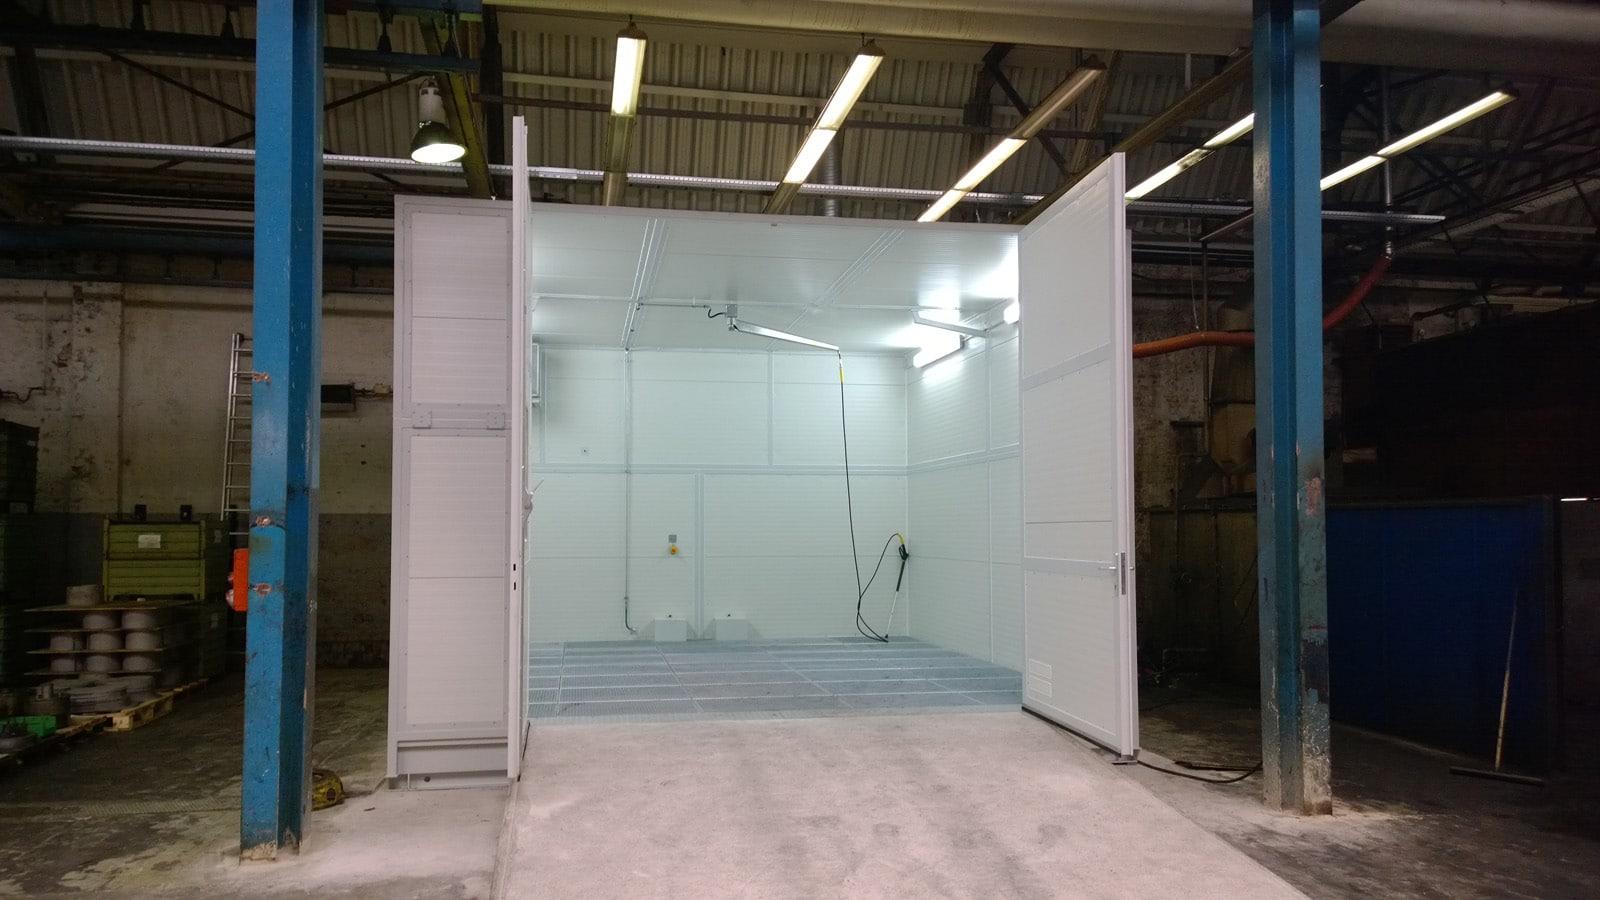 Frontansicht mobiler Waschplatz zur Reinigung von Gabelstapler mit Auffahrrampe